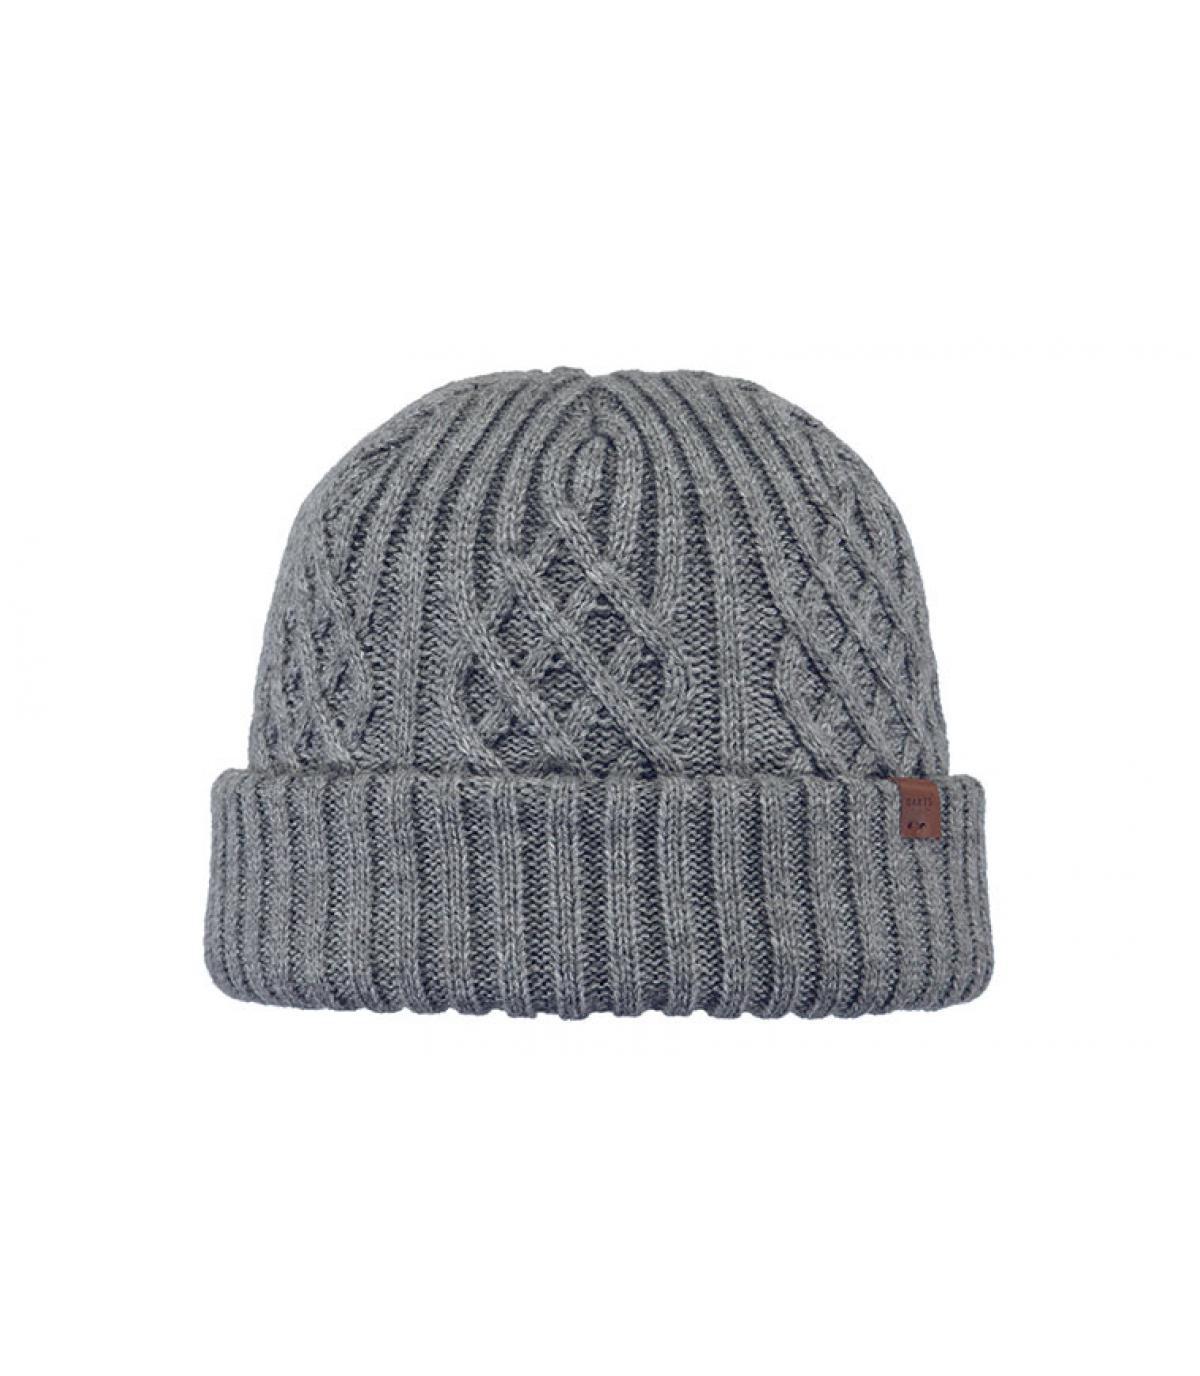 Docker Mütze grau Zopfmuster